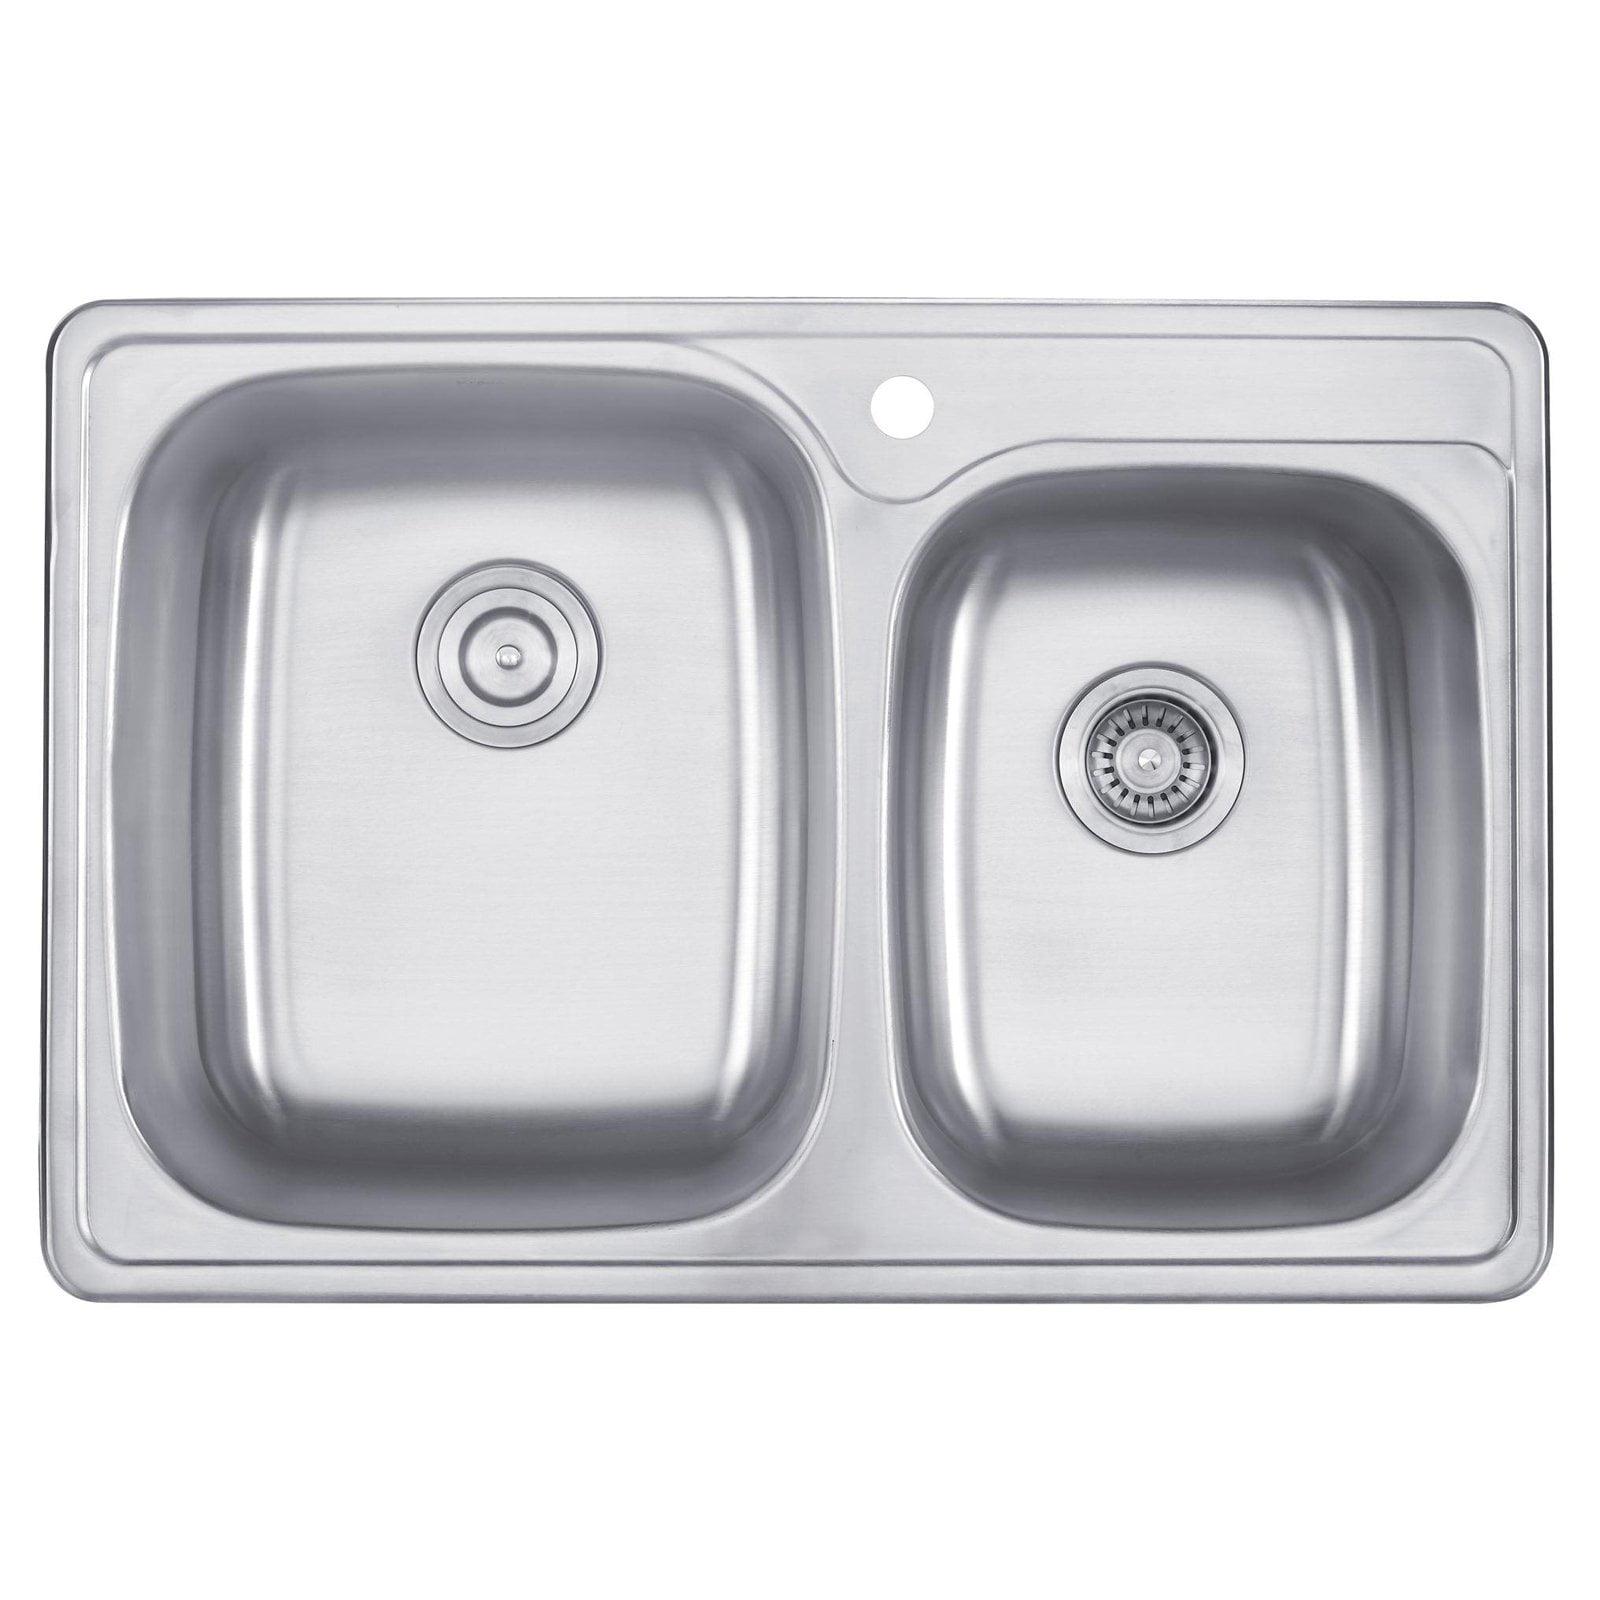 Kraus KTM32 Double Basin Drop In Kitchen Sink